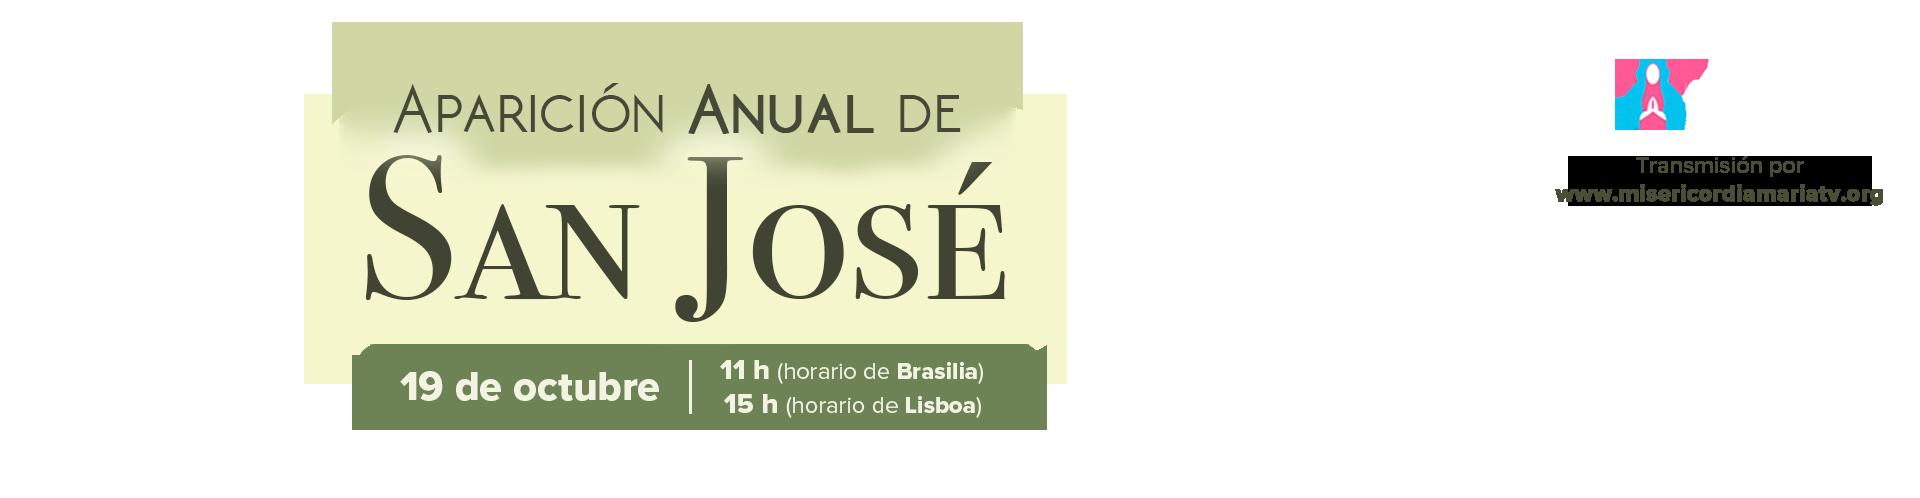 21.10.19_ap_anual_de_sao_jose_banner_es_mmtv_victoria.png